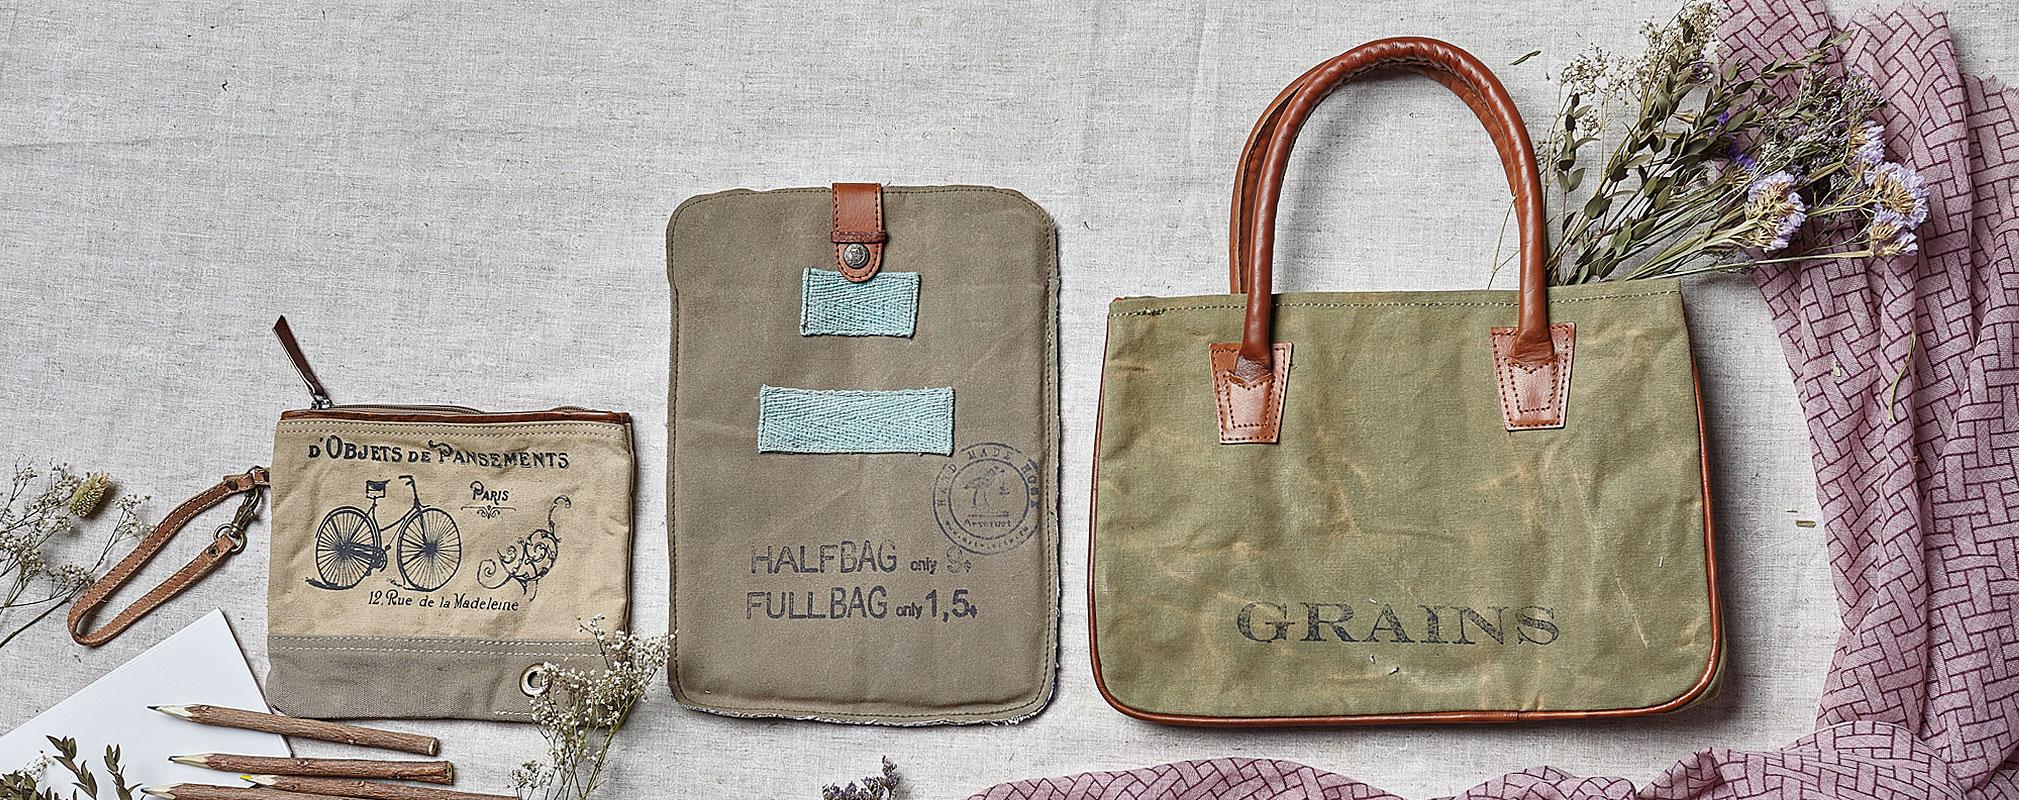 dcca865248d7 Эксклюзивные дизайнерские подарки и авторские сувениры ручной работы ...